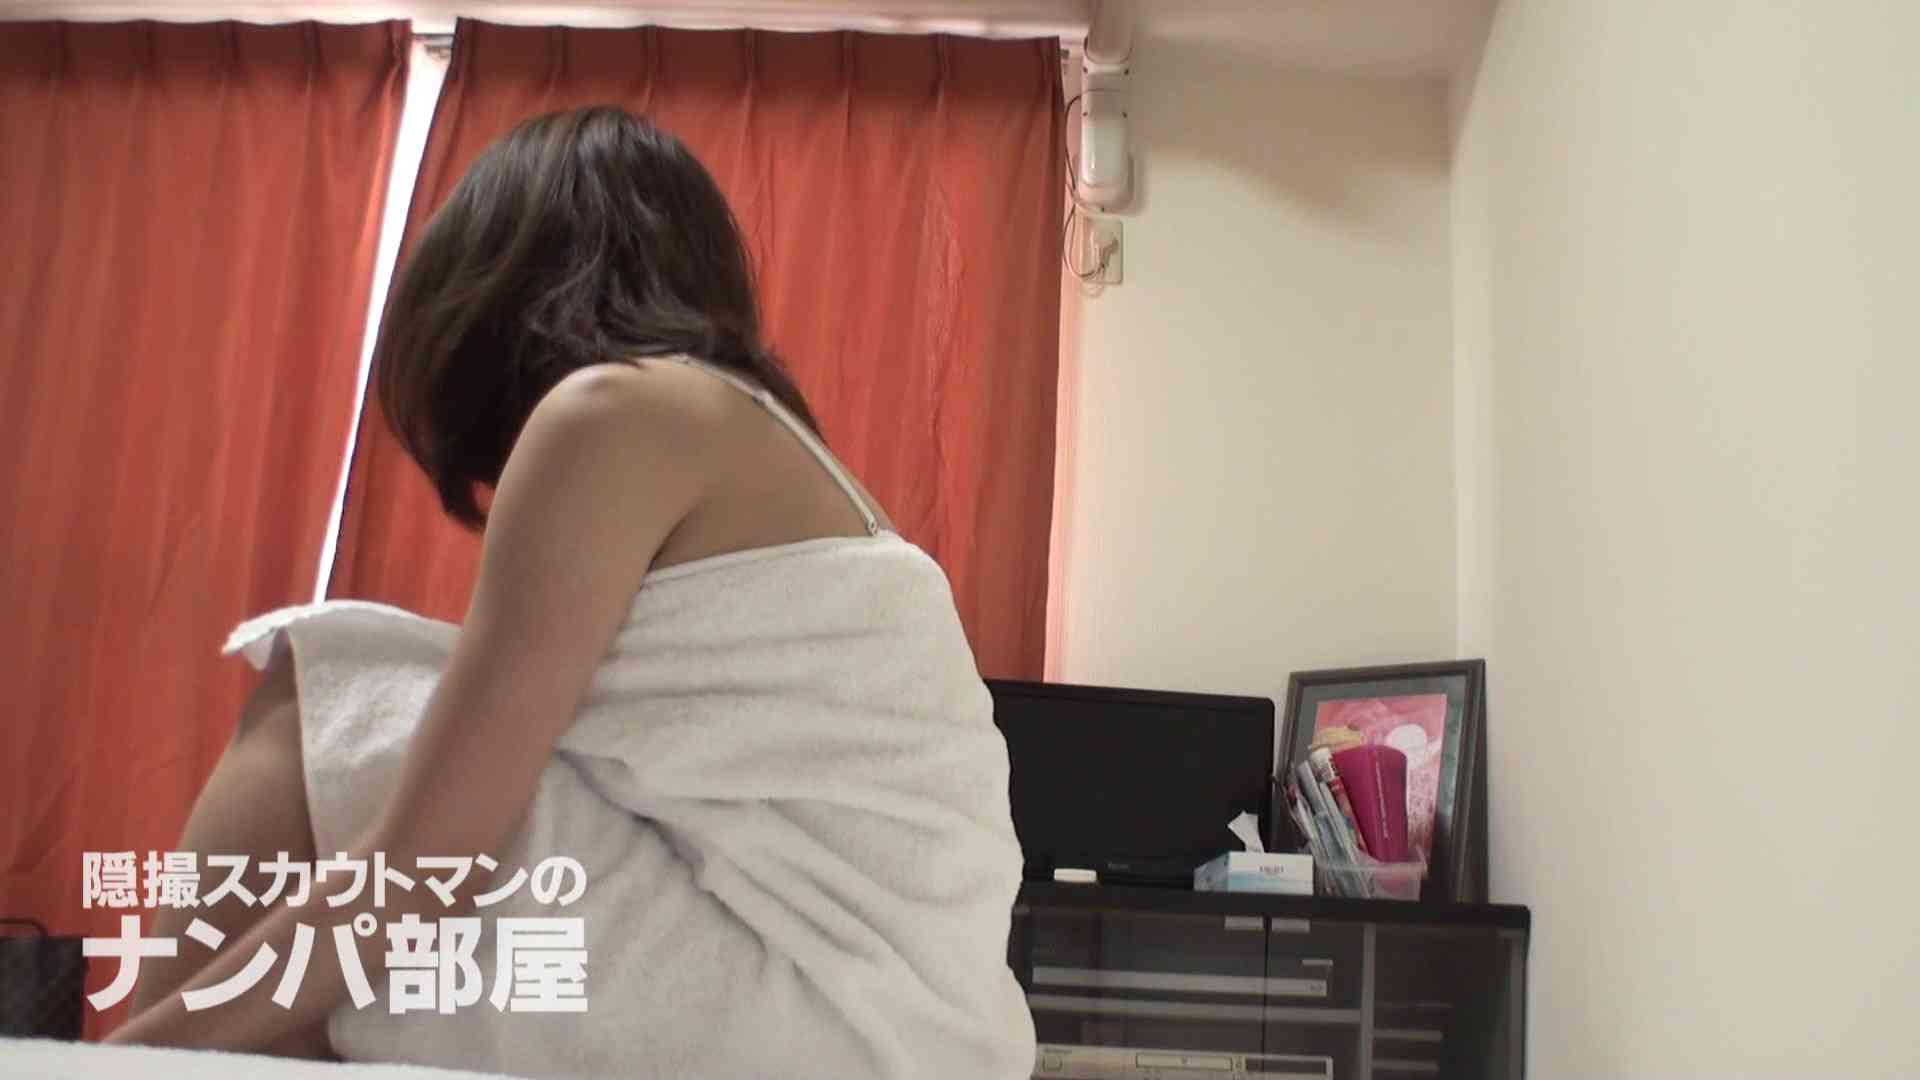 隠撮スカウトマンのナンパ部屋~風俗デビュー前のつまみ食い~ siivol.2 OL裸体 | ナンパ  58画像 31